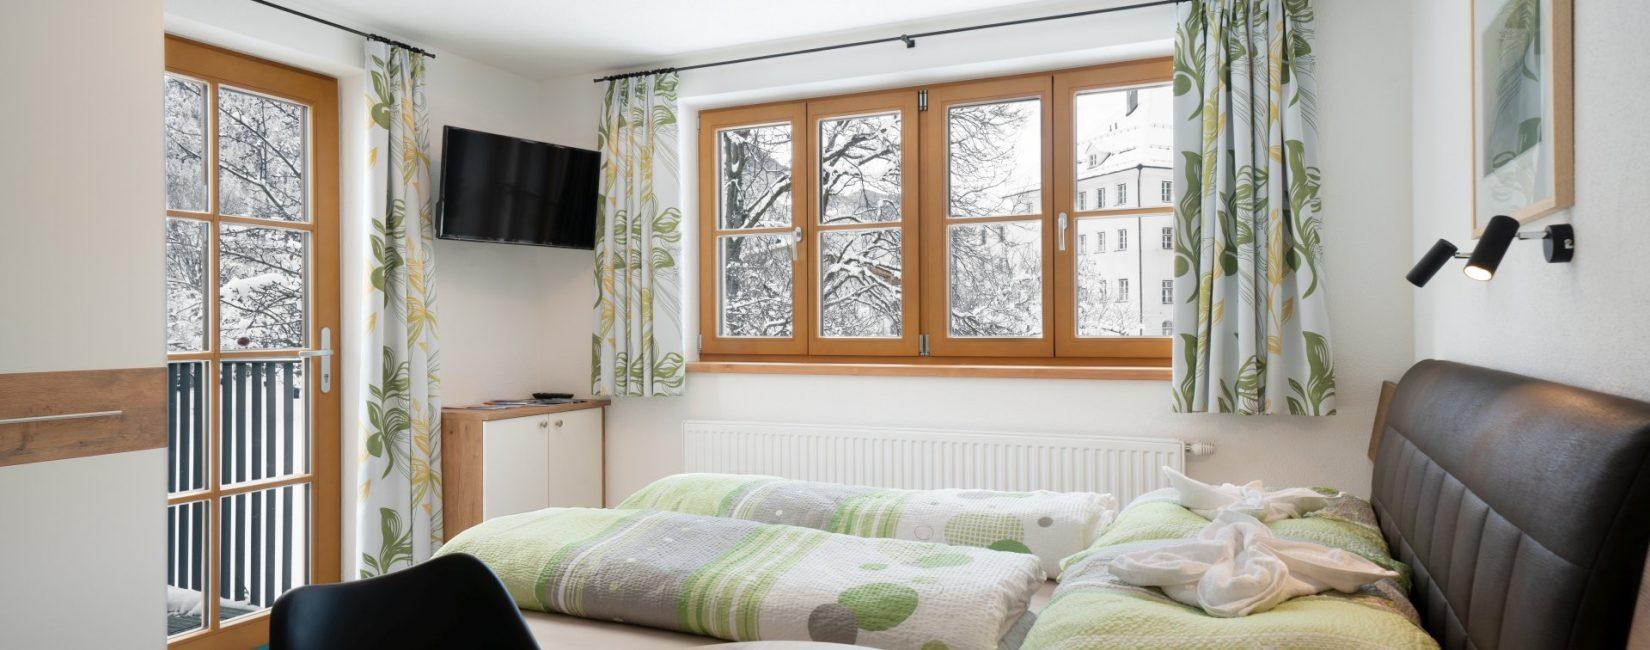 Appartement 3 – Adlerhorst – 2 Pers.